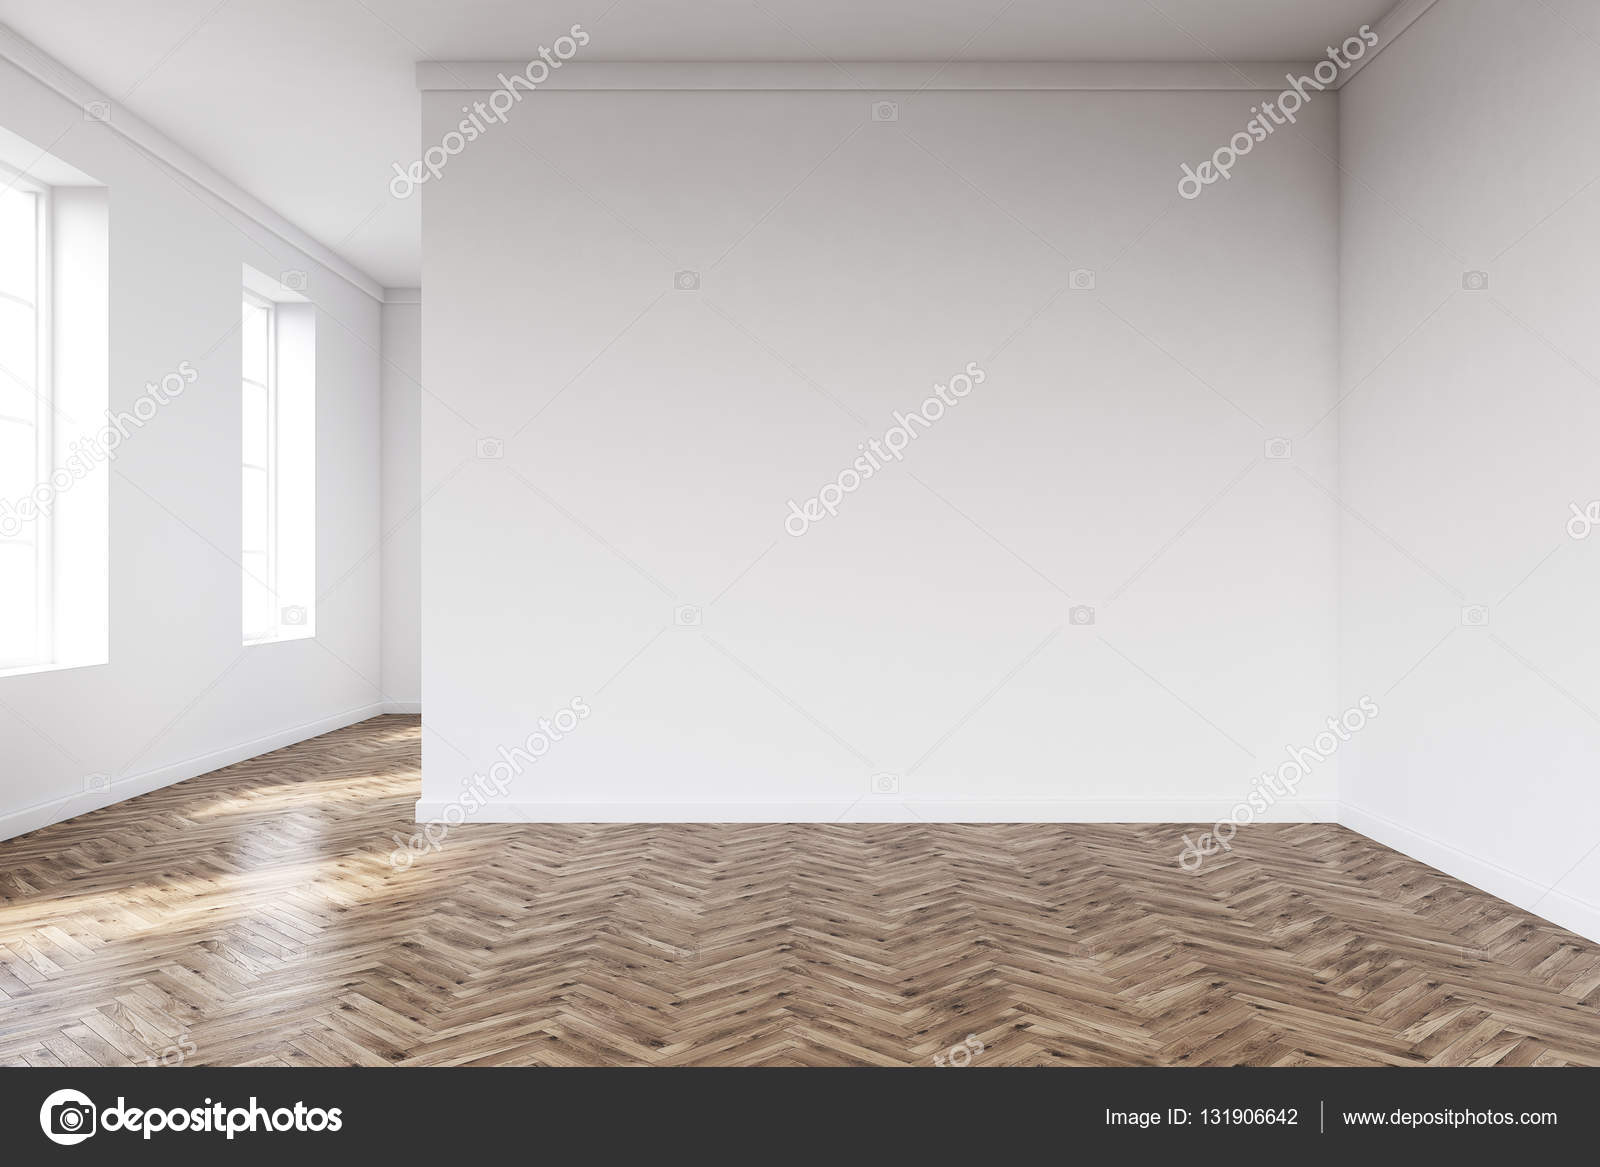 흰 벽과 나무 바닥 빈 룸 — 스톡 사진 © denisismagilov #131906642